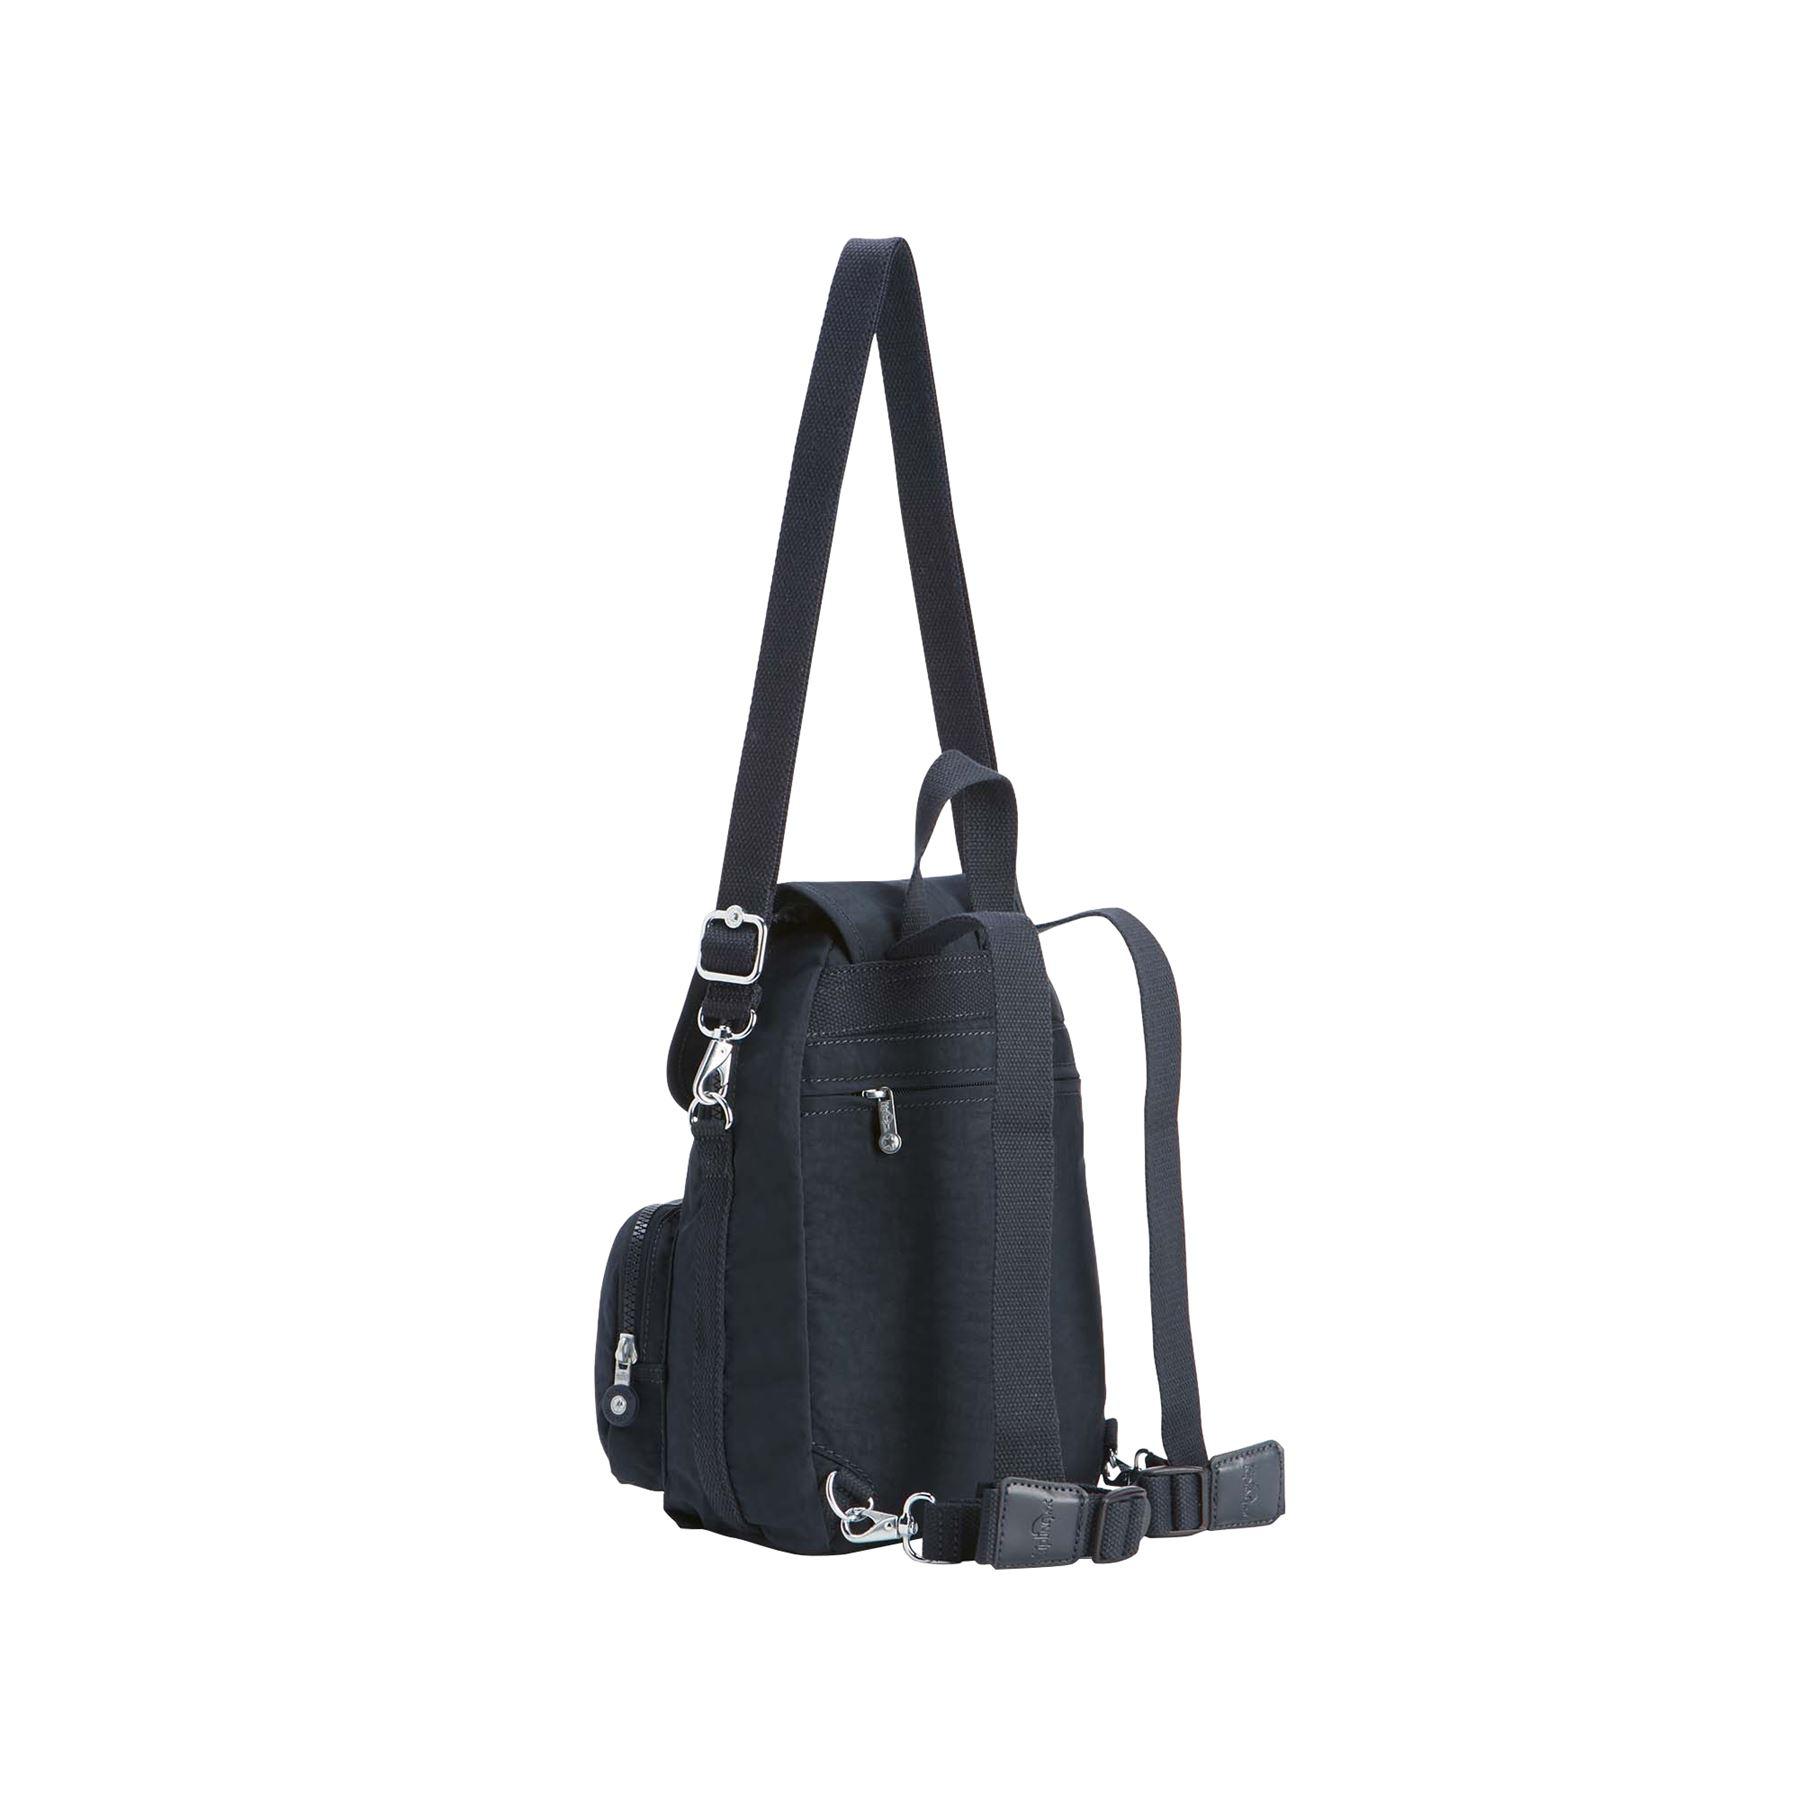 277eeb074 Kipling Firefly Up Backpack / Shoulder Bag Multiple Pockets New 2019 ...